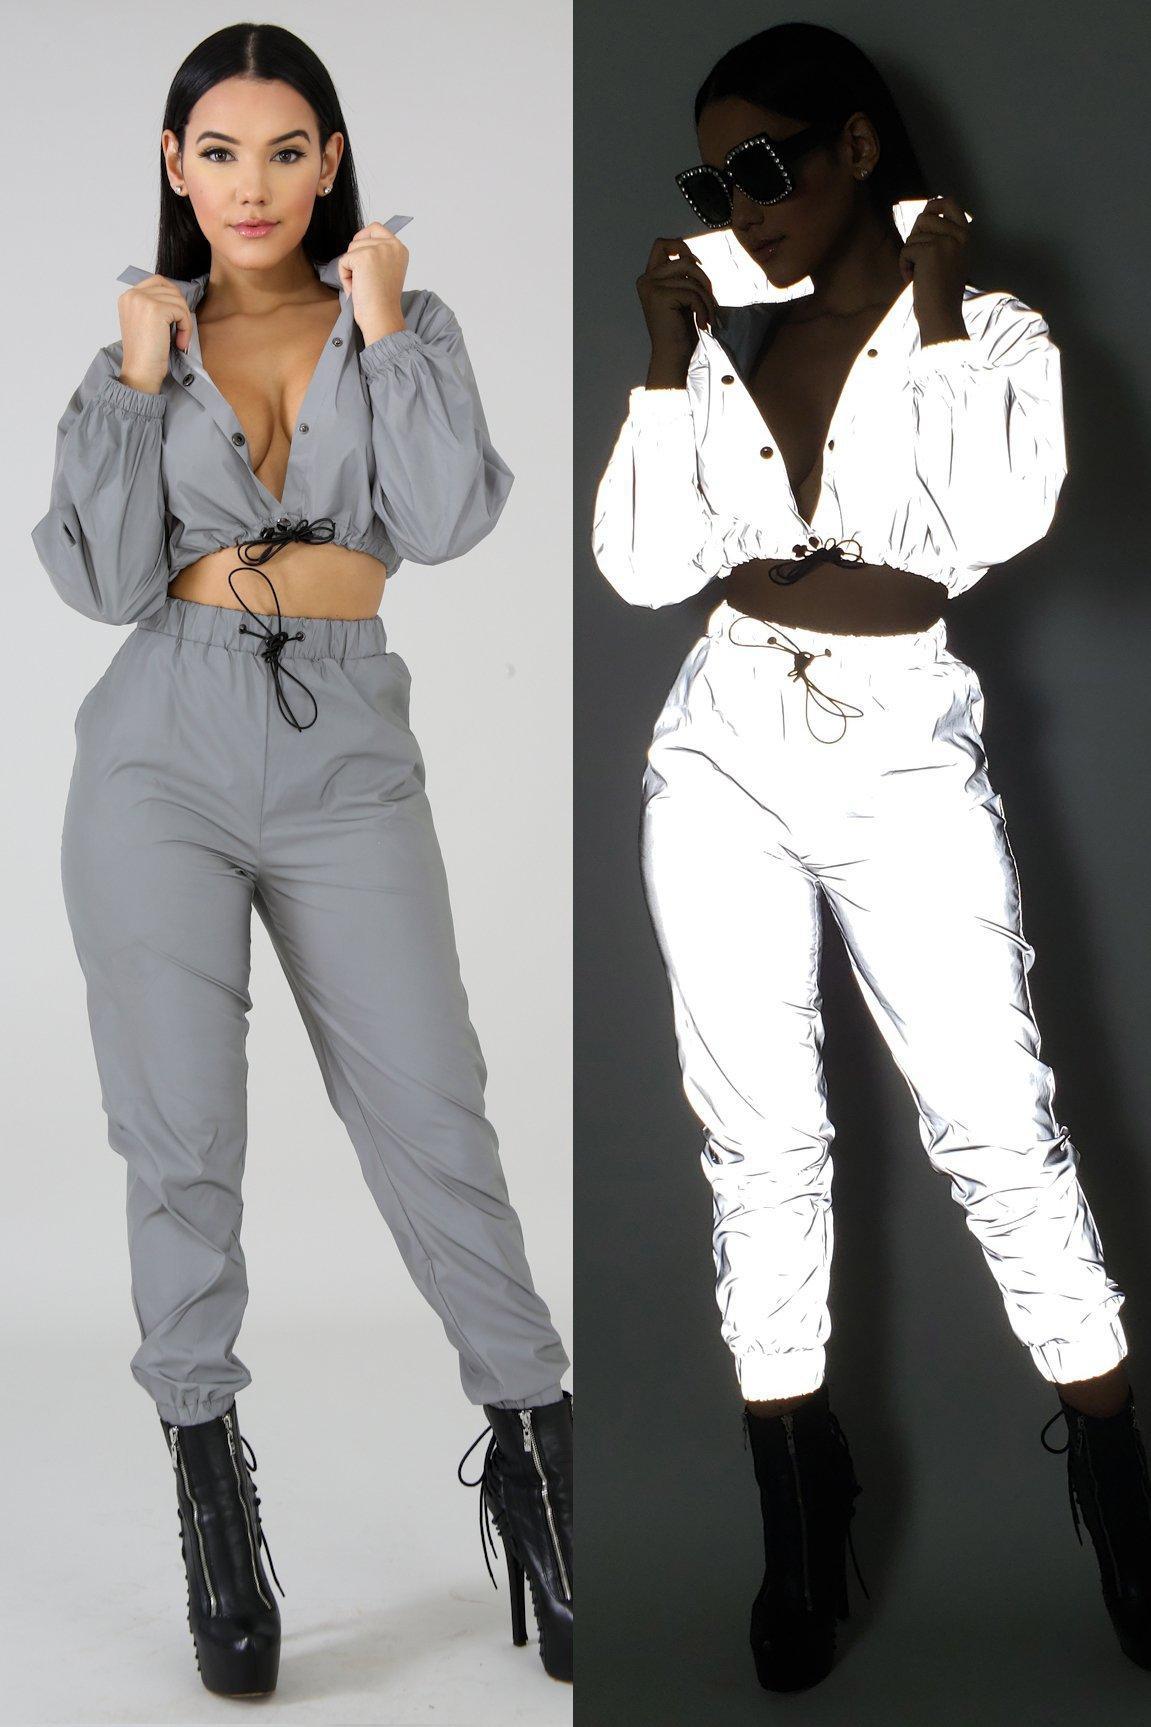 3844cc92314fa Women Designer 3M Reflective Suits Crop Top Pants Clothing Sets ...